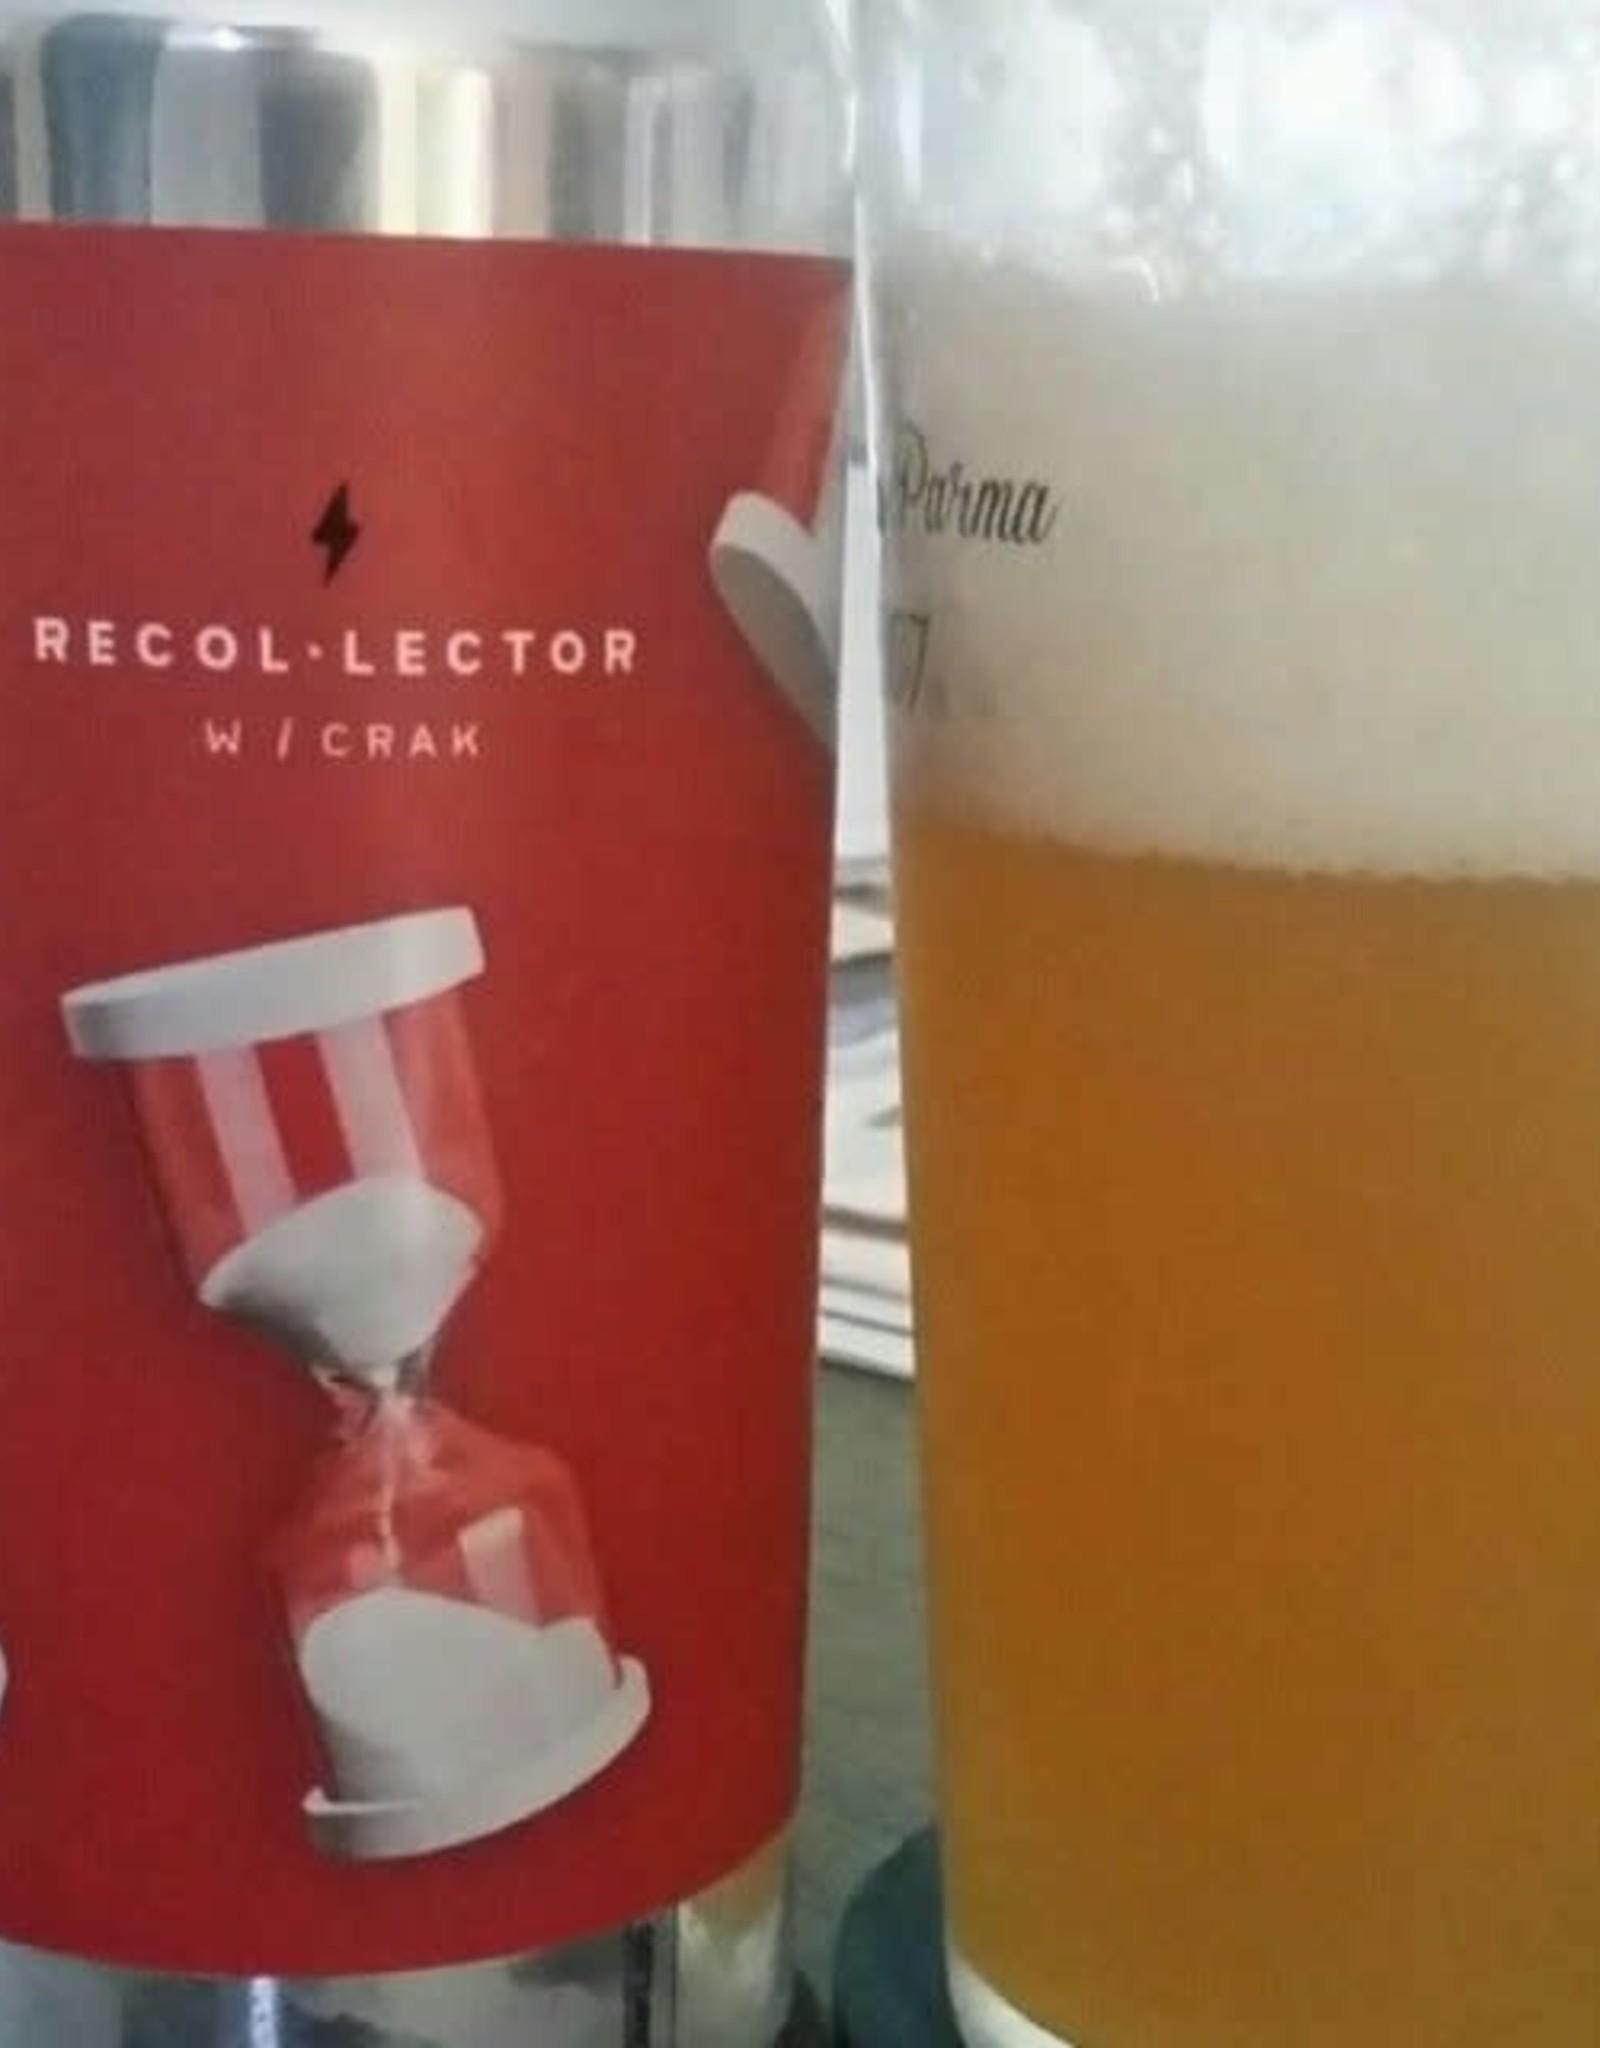 Garage Garage Beer Co./CRAK Recol-Lector